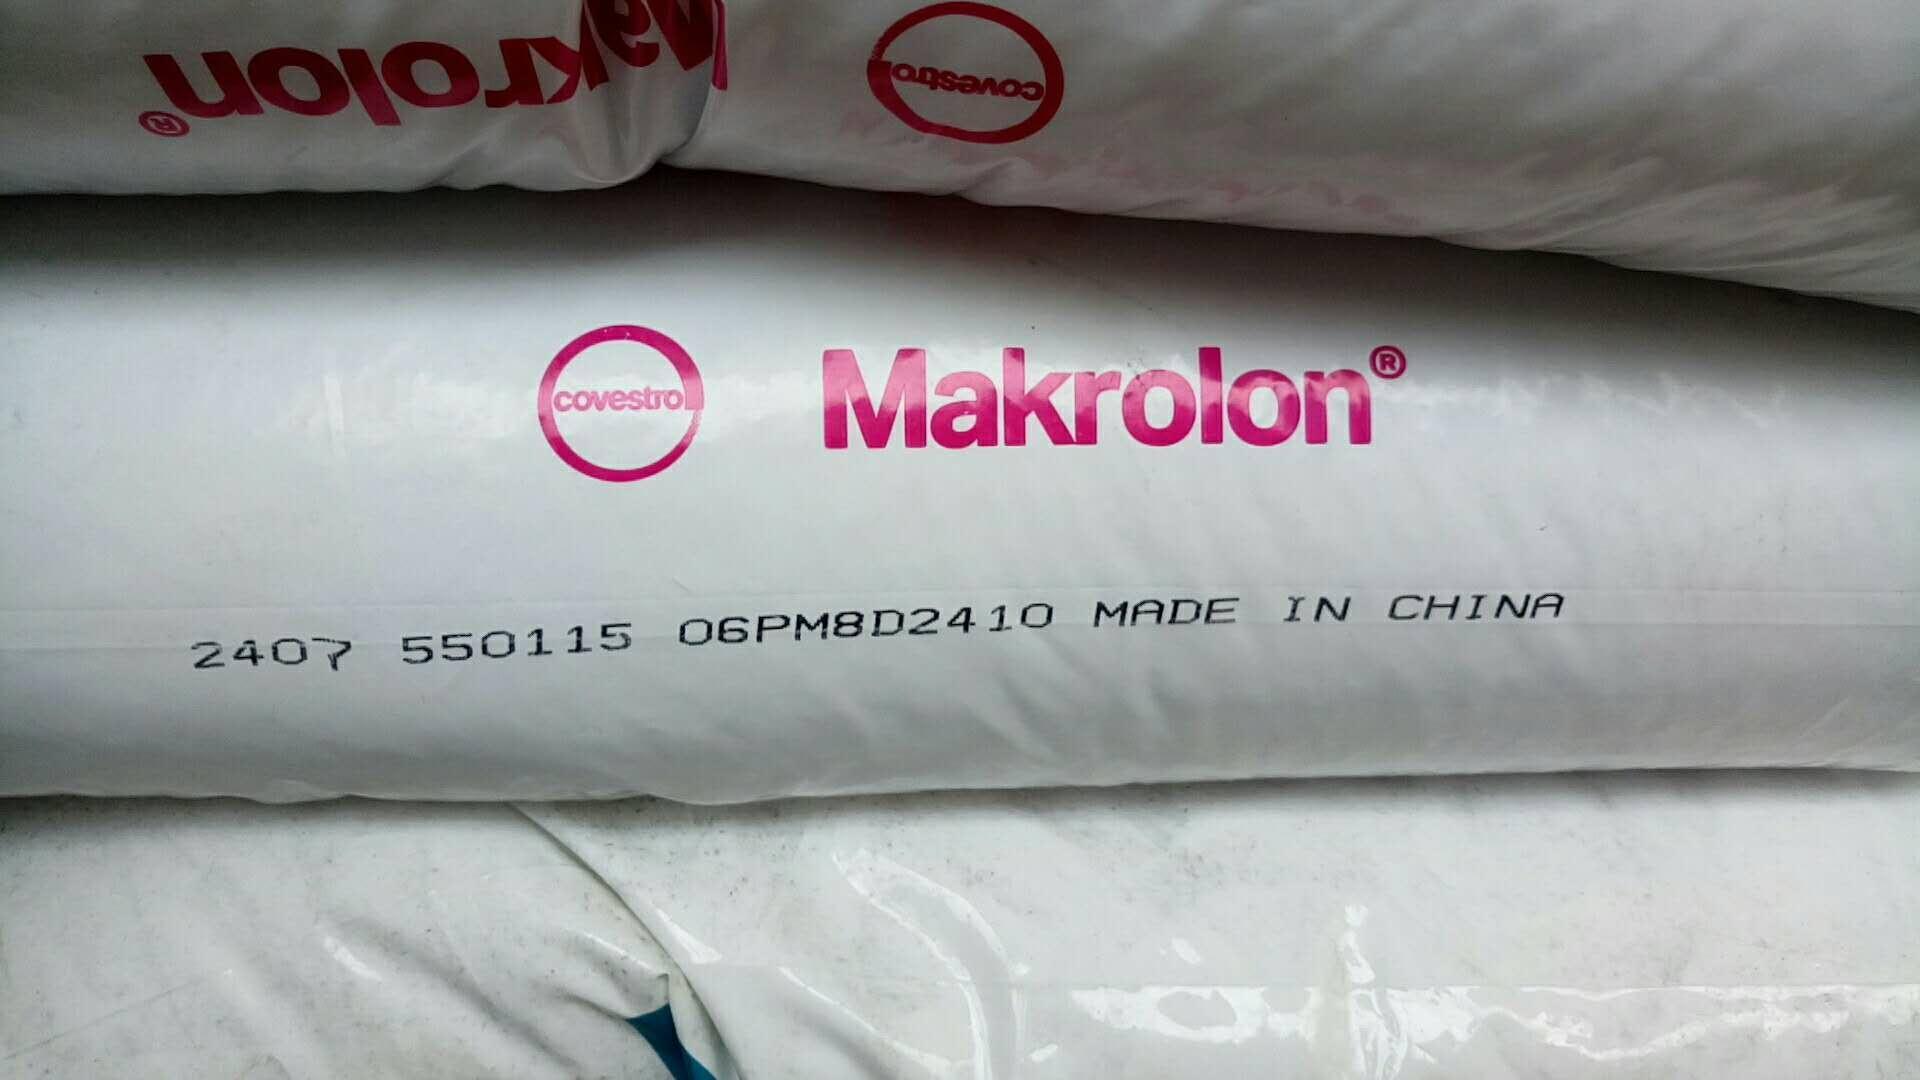 MAKROLON 2407